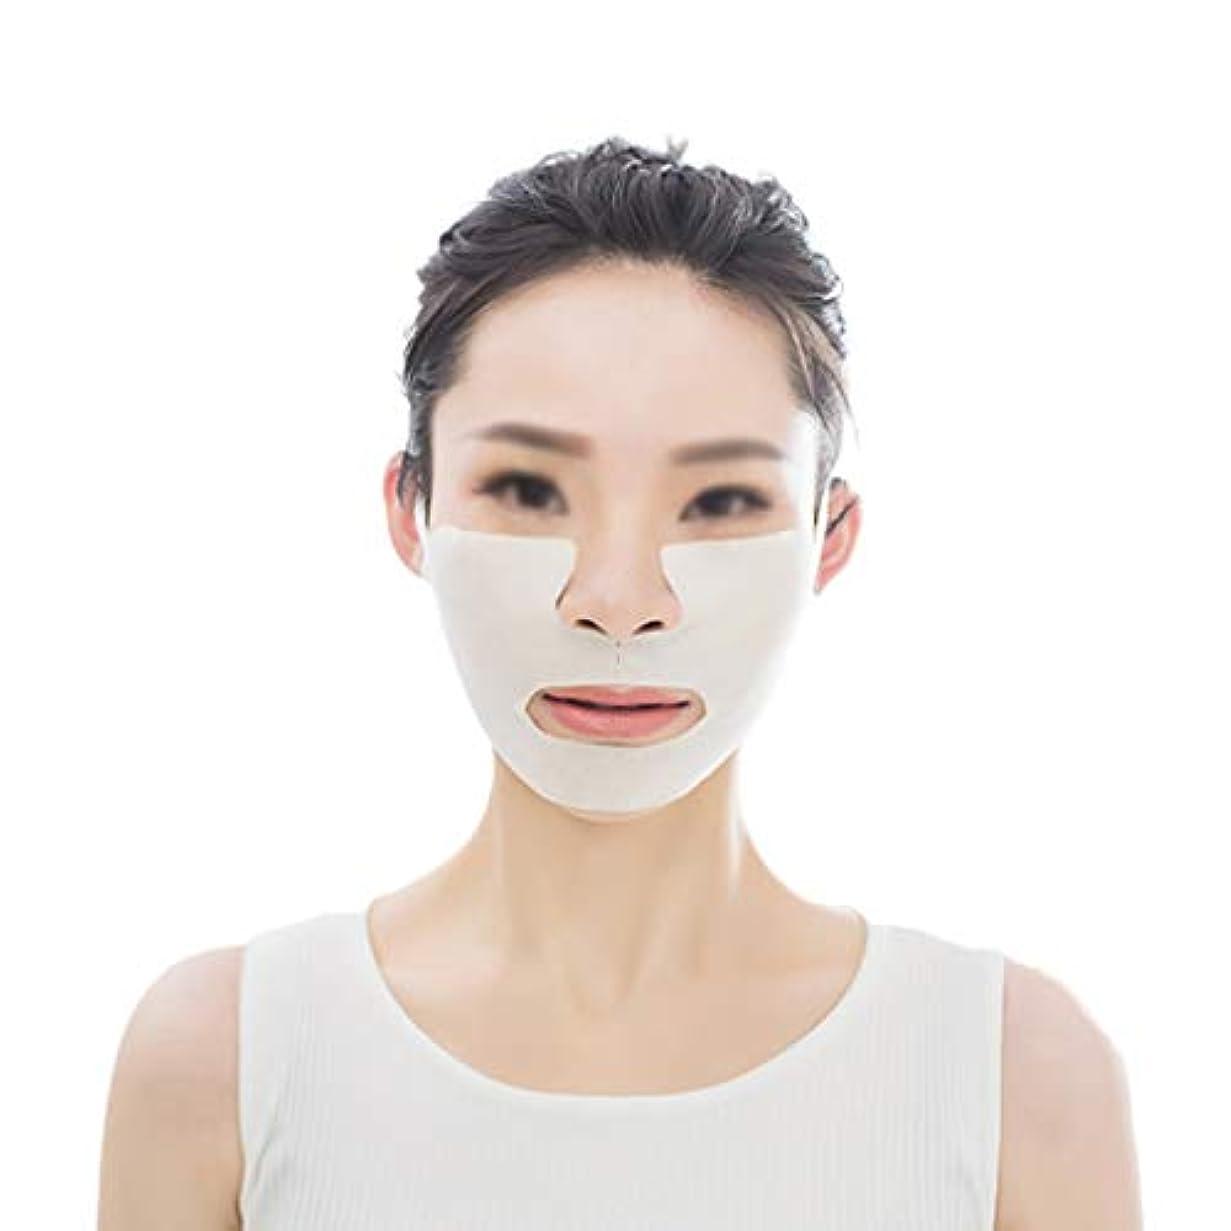 救い飢饉ダイアクリティカルフェイシャルスリミング、薄いフェイスマスク、下顎咬筋のあごを改善してフェイシャルラインを形成する、5箱、フェイスマスクの3箱